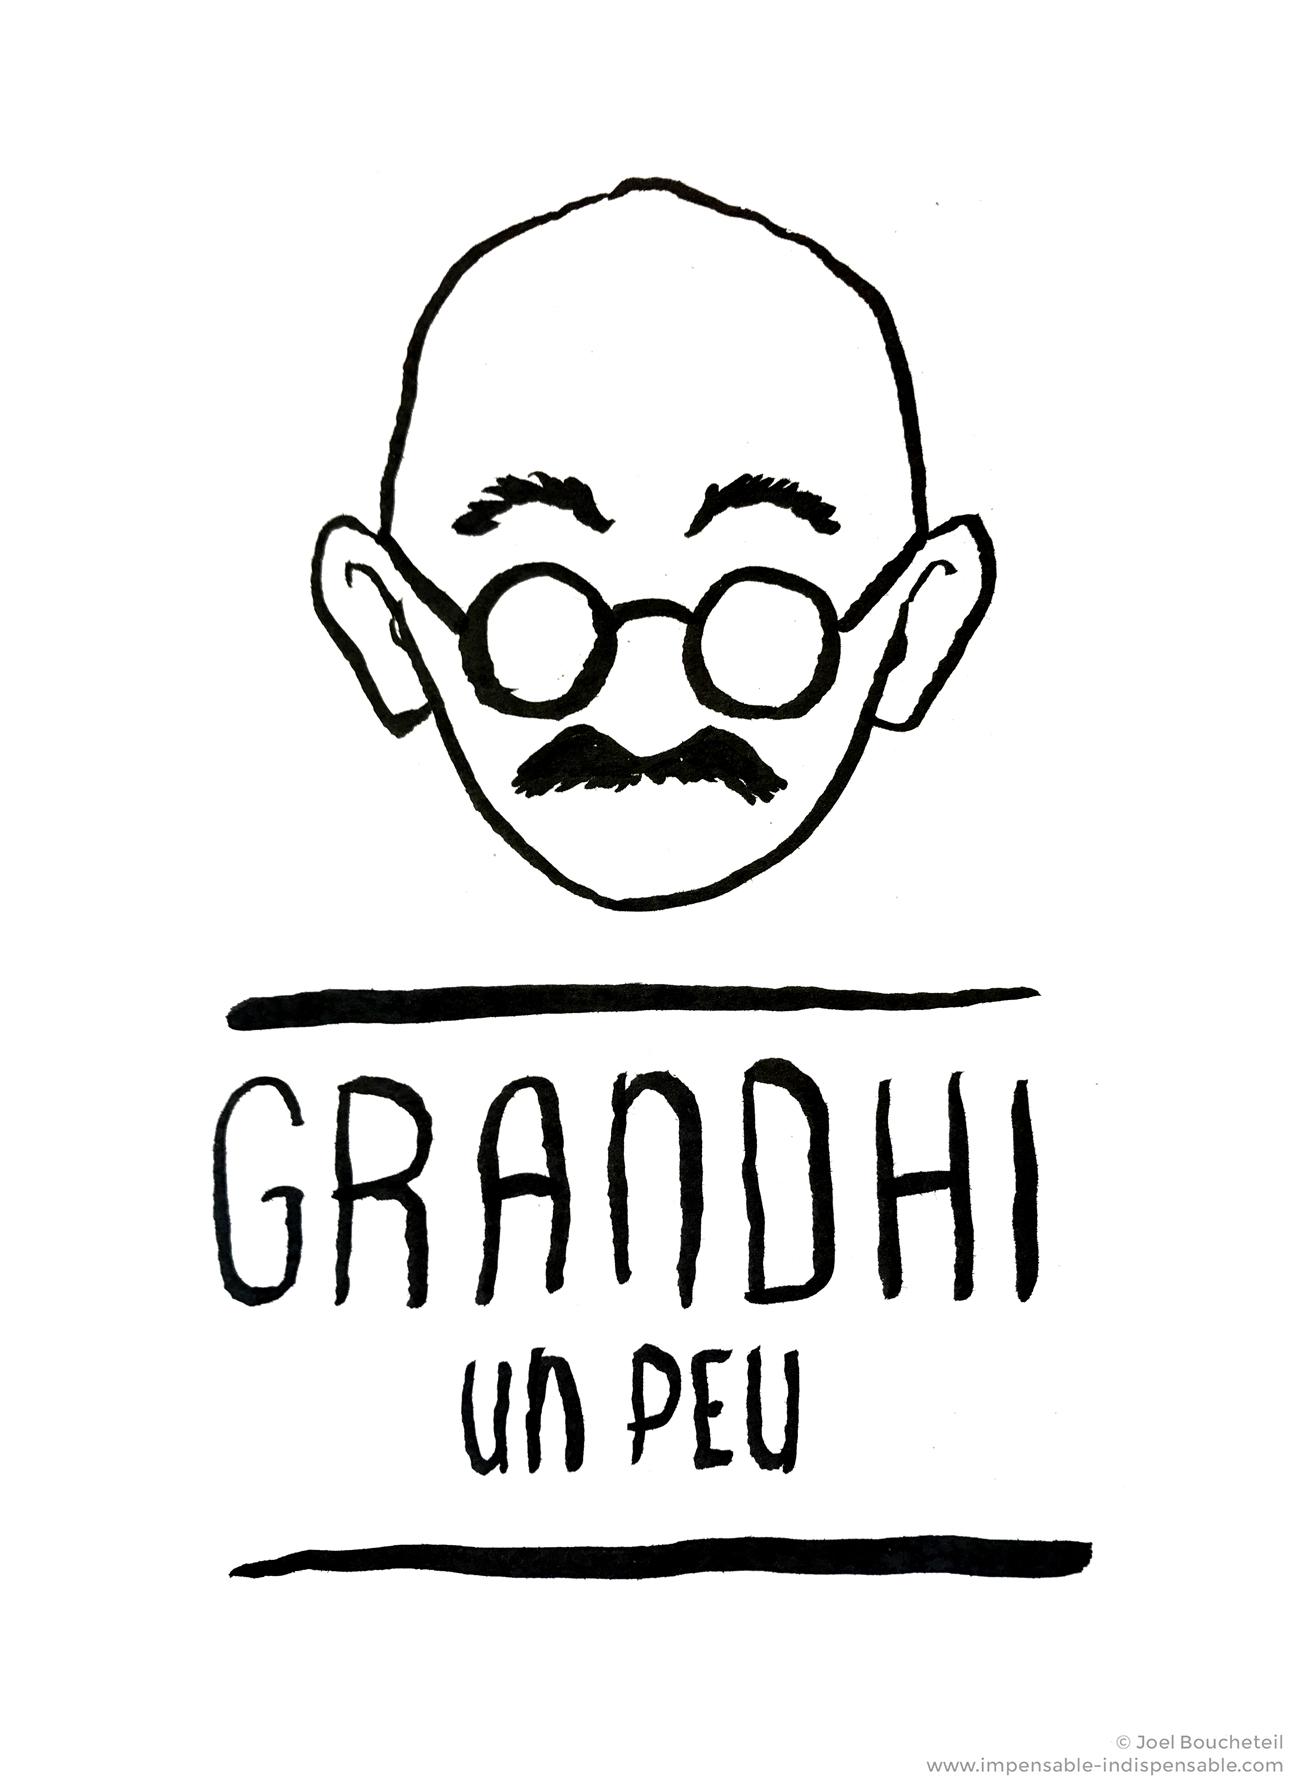 grandhi